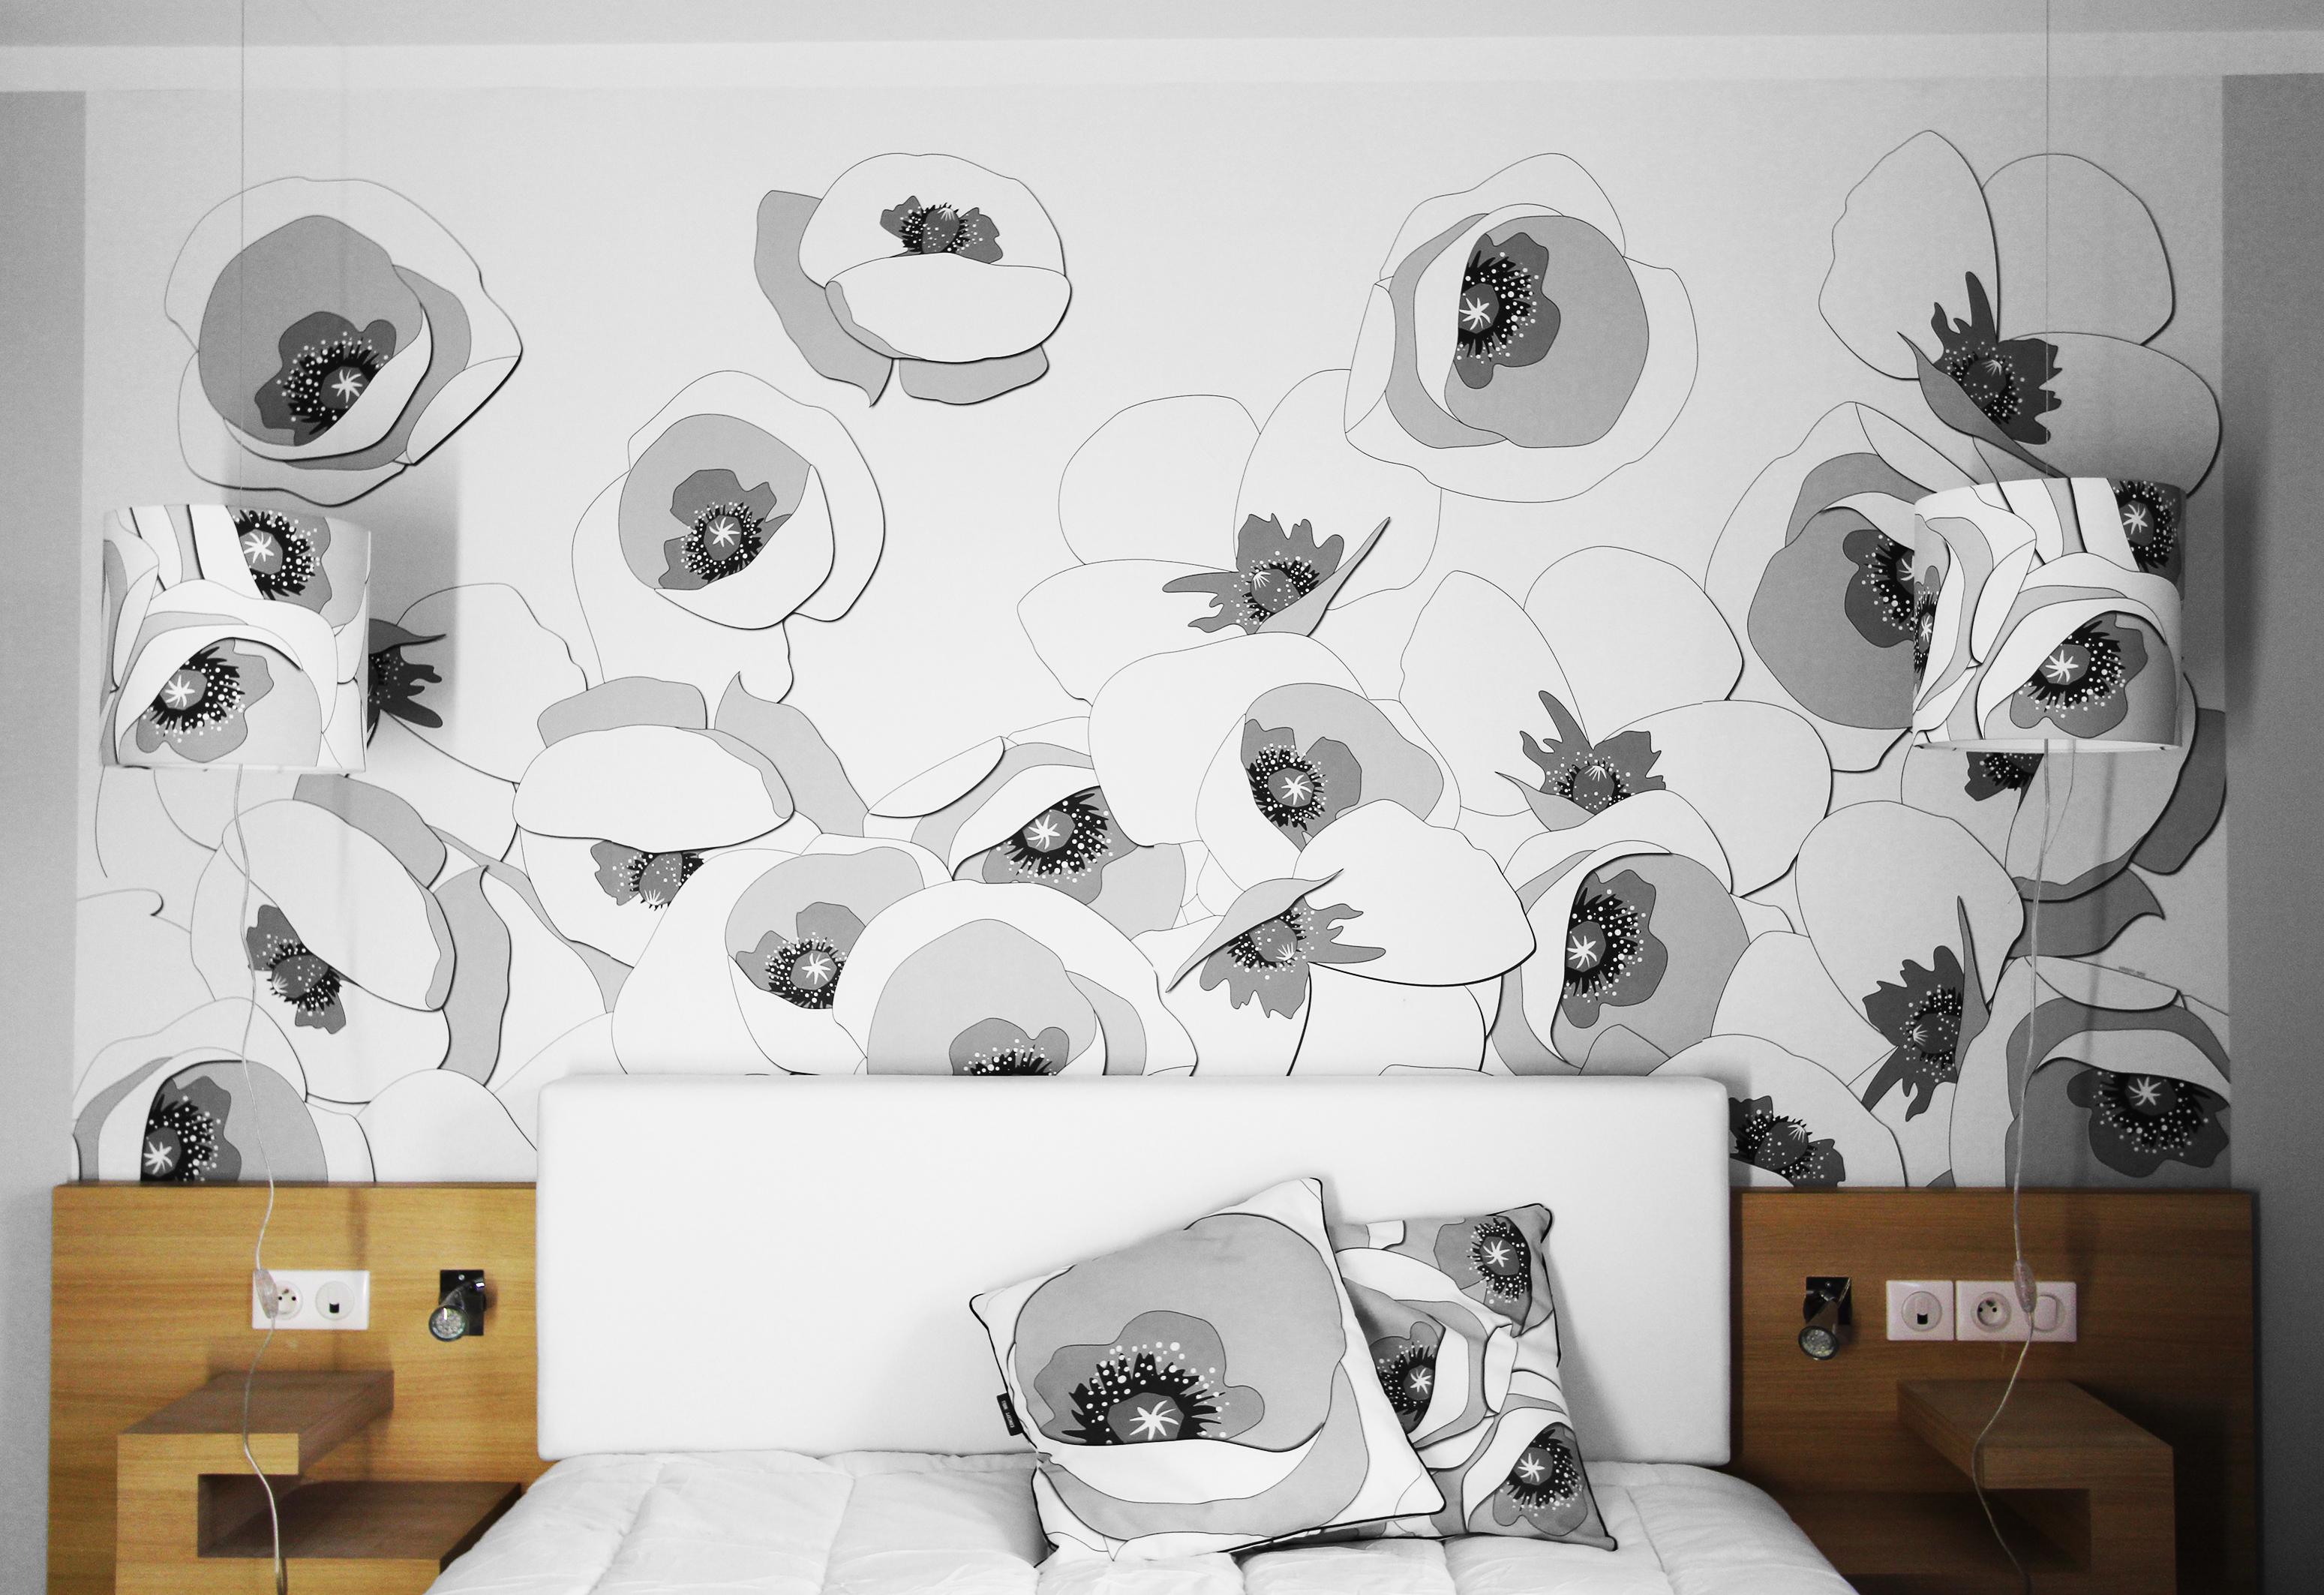 Pose papier peint lumiere la seyne sur mer devis d 39 architecte entreprise rhuvc Pose papier peint